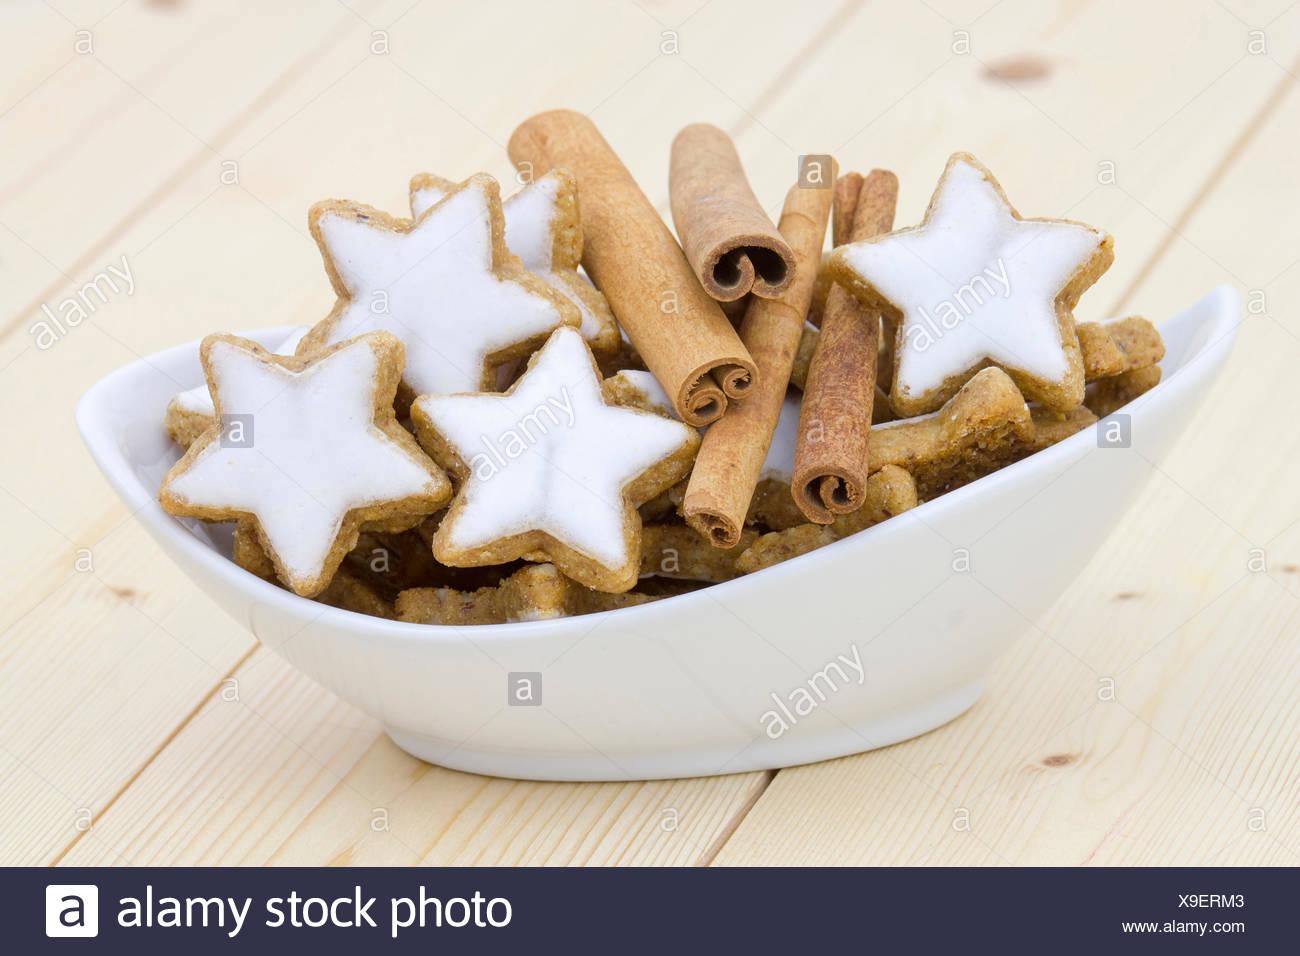 Typical Christmas Cinnamon Star Cookies And Cinnamon Sticks Stock